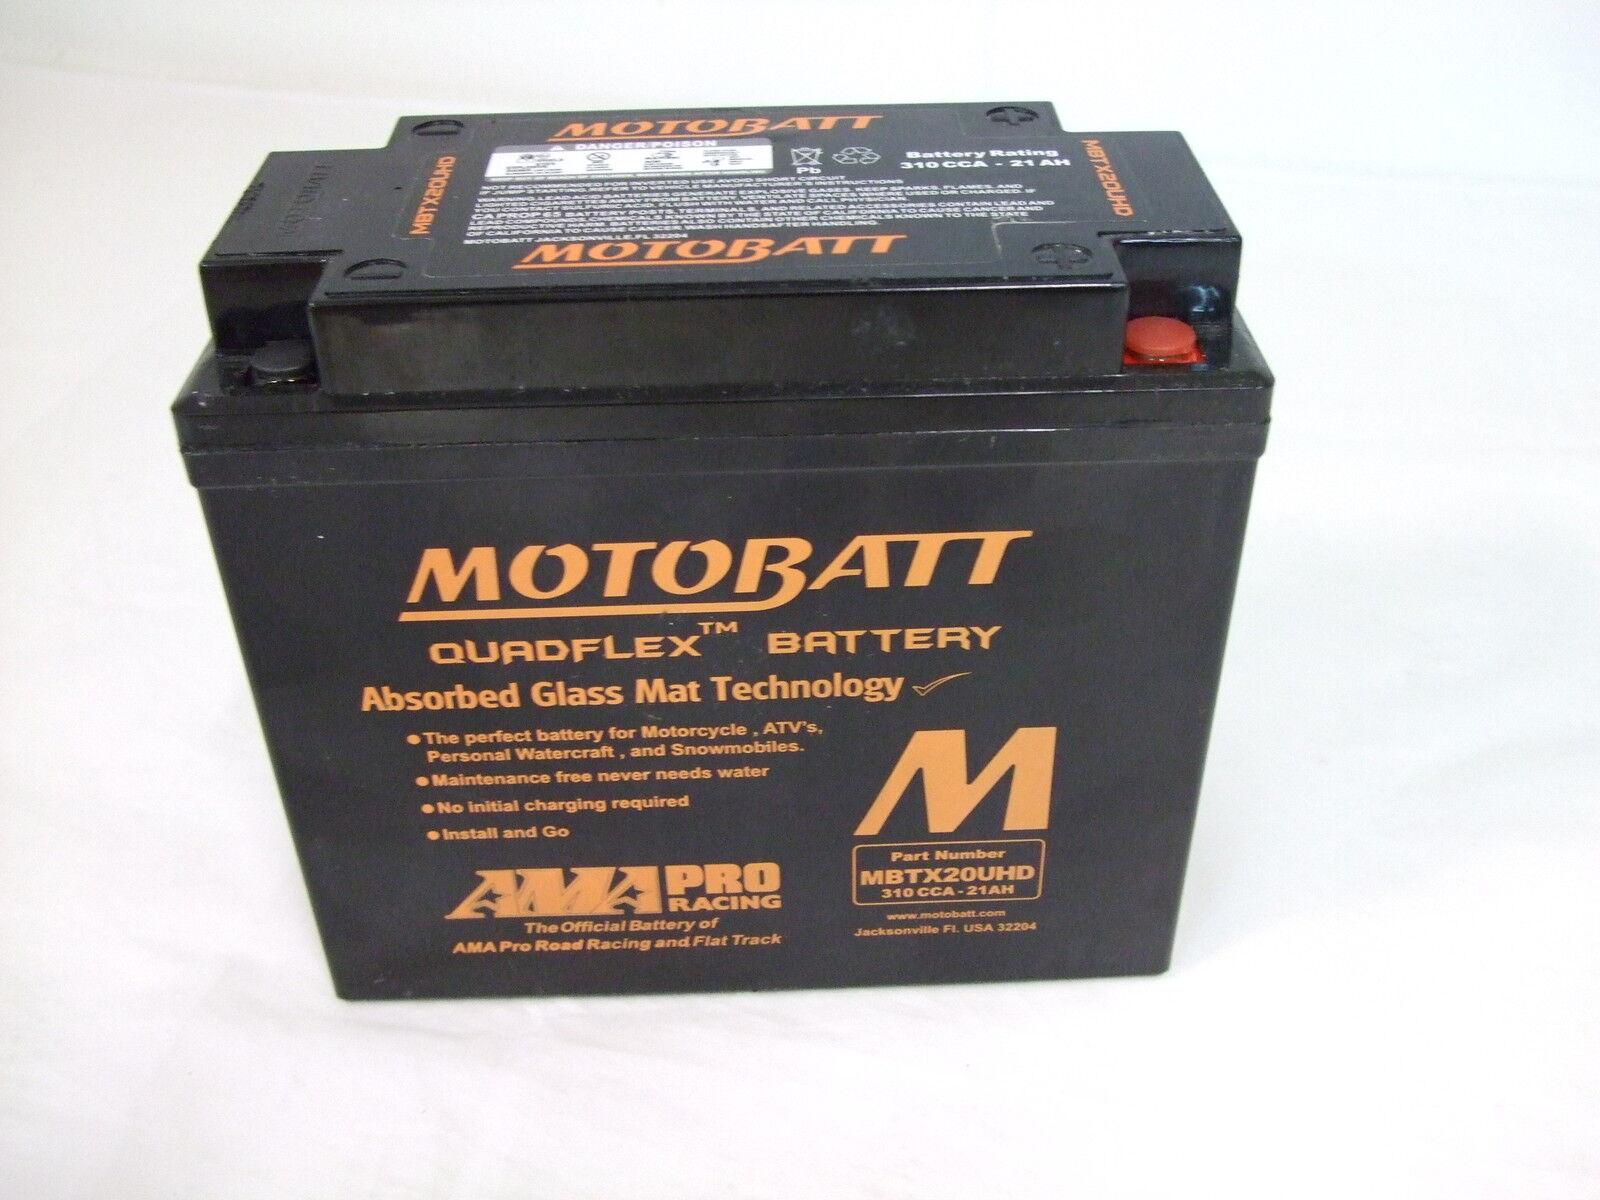 Kawasaki Jet Ski Batterie von Motobatt Motobatt von 20% Extra Anlassen voll 47cce1